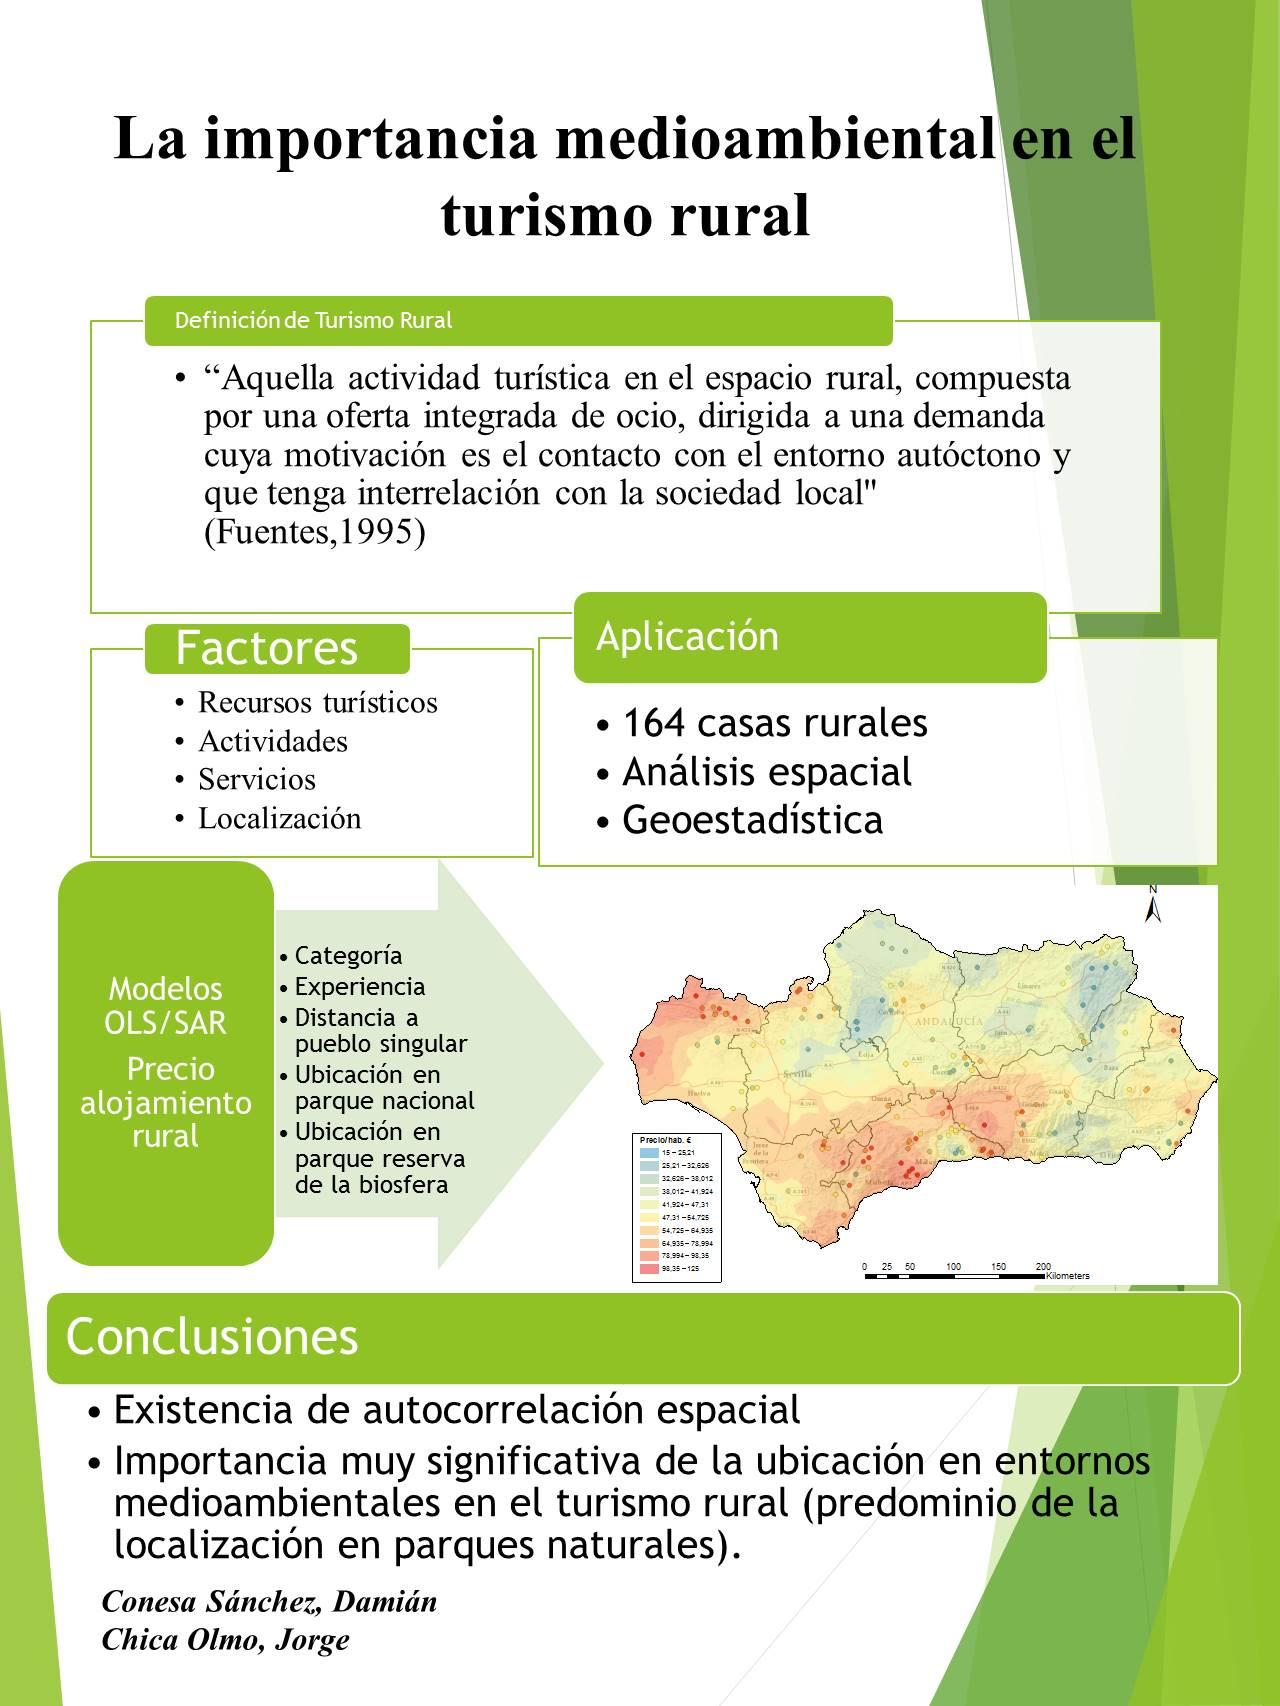 La importancia medioambiental en el turismo rural: influencia espacial y medioambiental en los alojamientos rurales en Andalucía